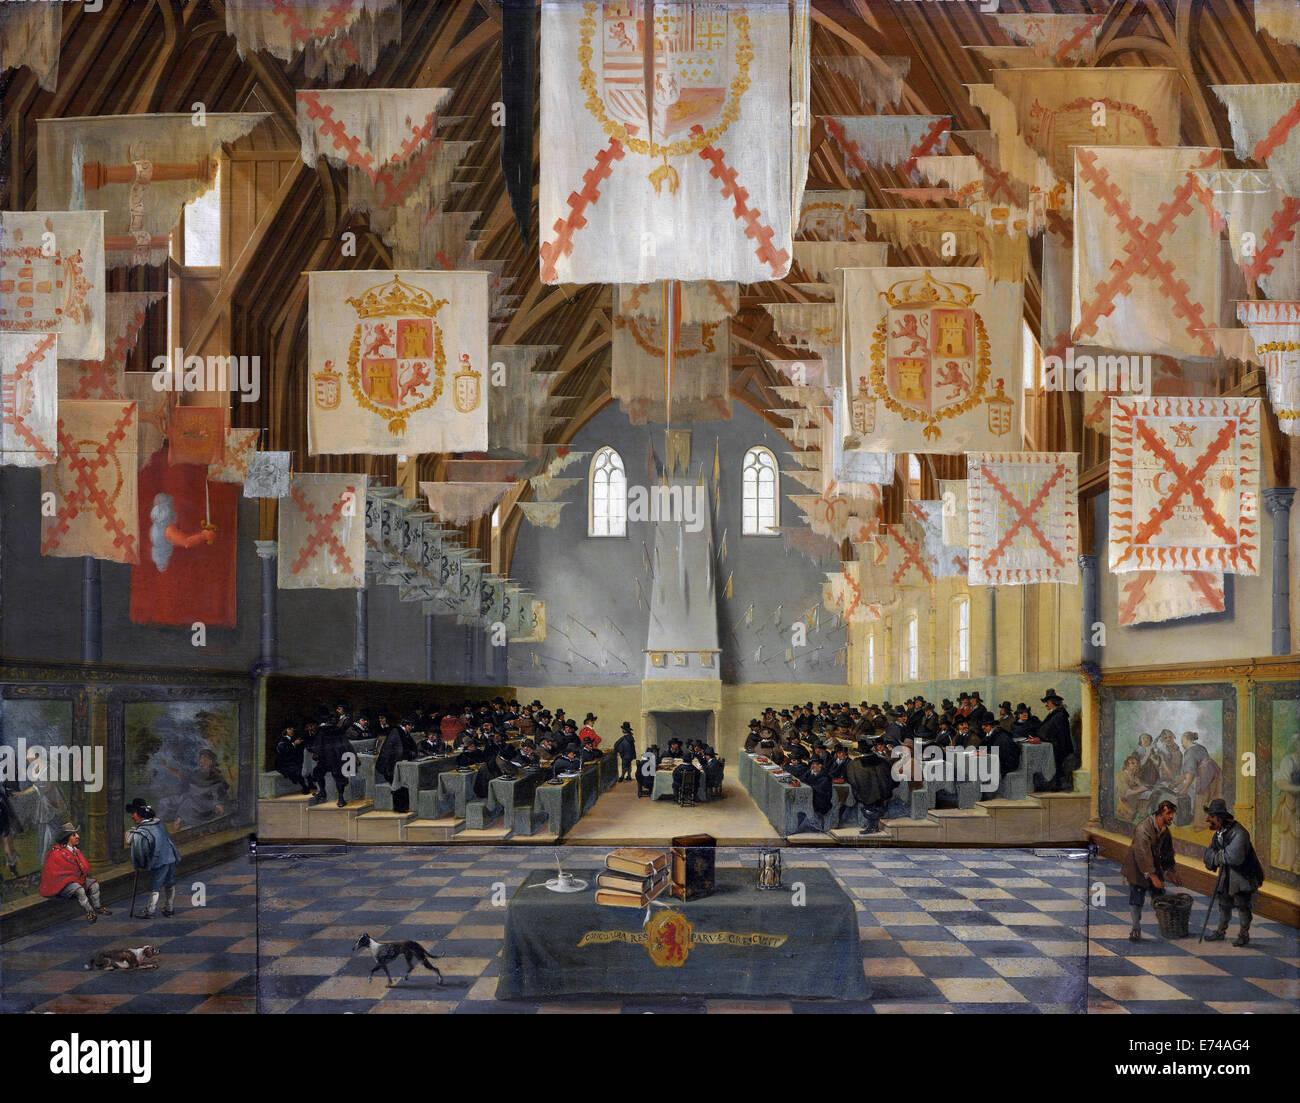 La sala del cavaliere del Binnenhof durante la Grande assemblea del 1651, Bartholomeus van Bassen, Anthonie Palamedesz,1651 Immagini Stock